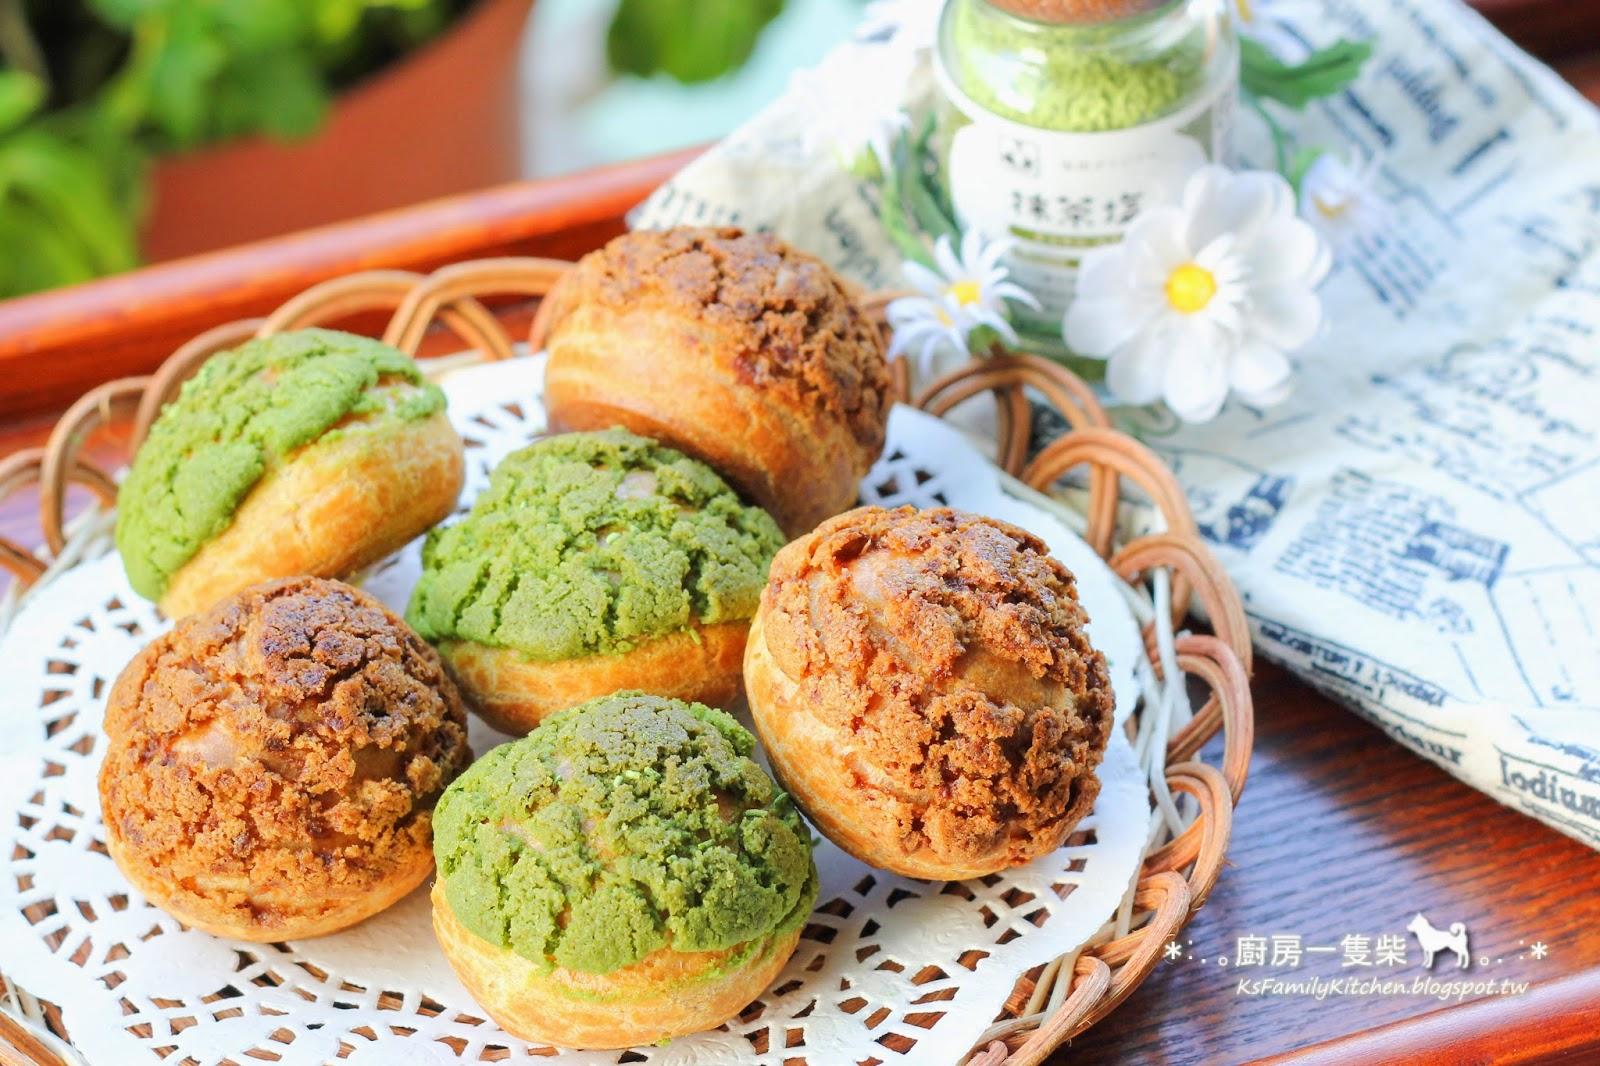 ... 玩甜點】雙色小菠蘿泡芙(附香草卡士達醬做法